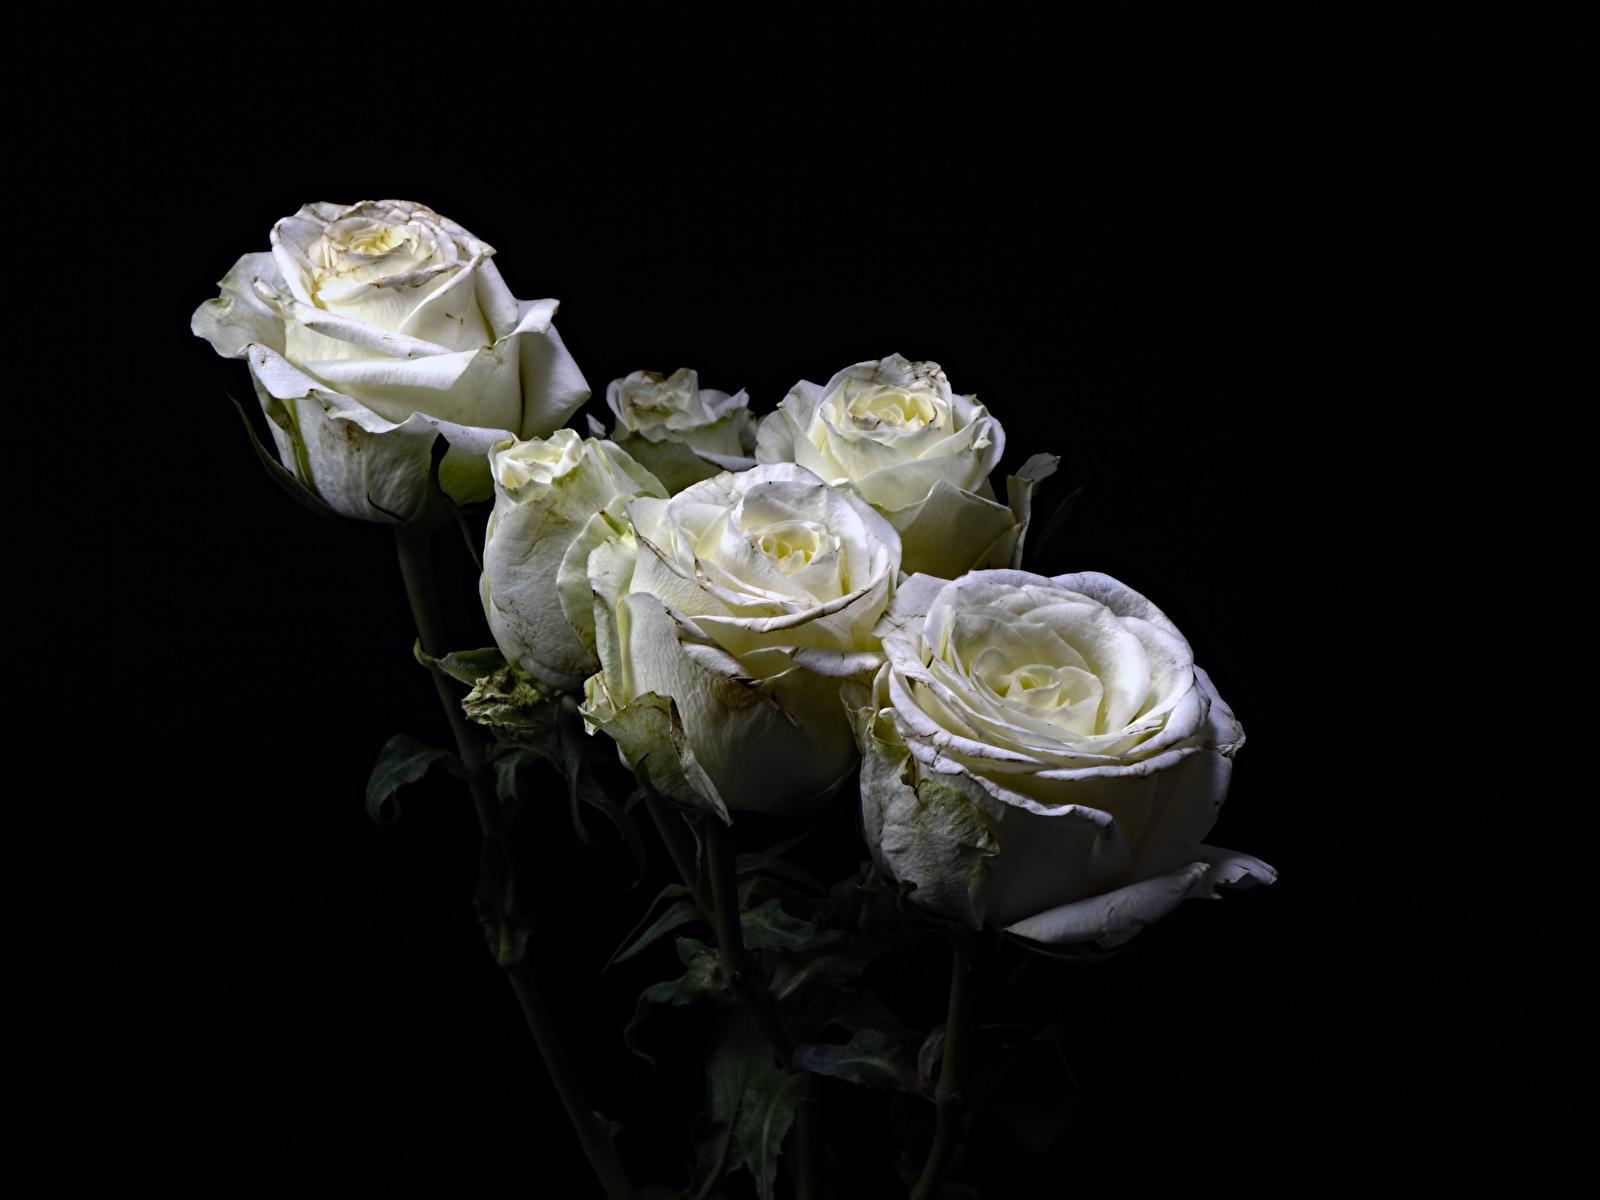 Фото роза Белый Цветы на черном фоне Крупным планом 1600x1200 Розы белых белая белые цветок вблизи Черный фон